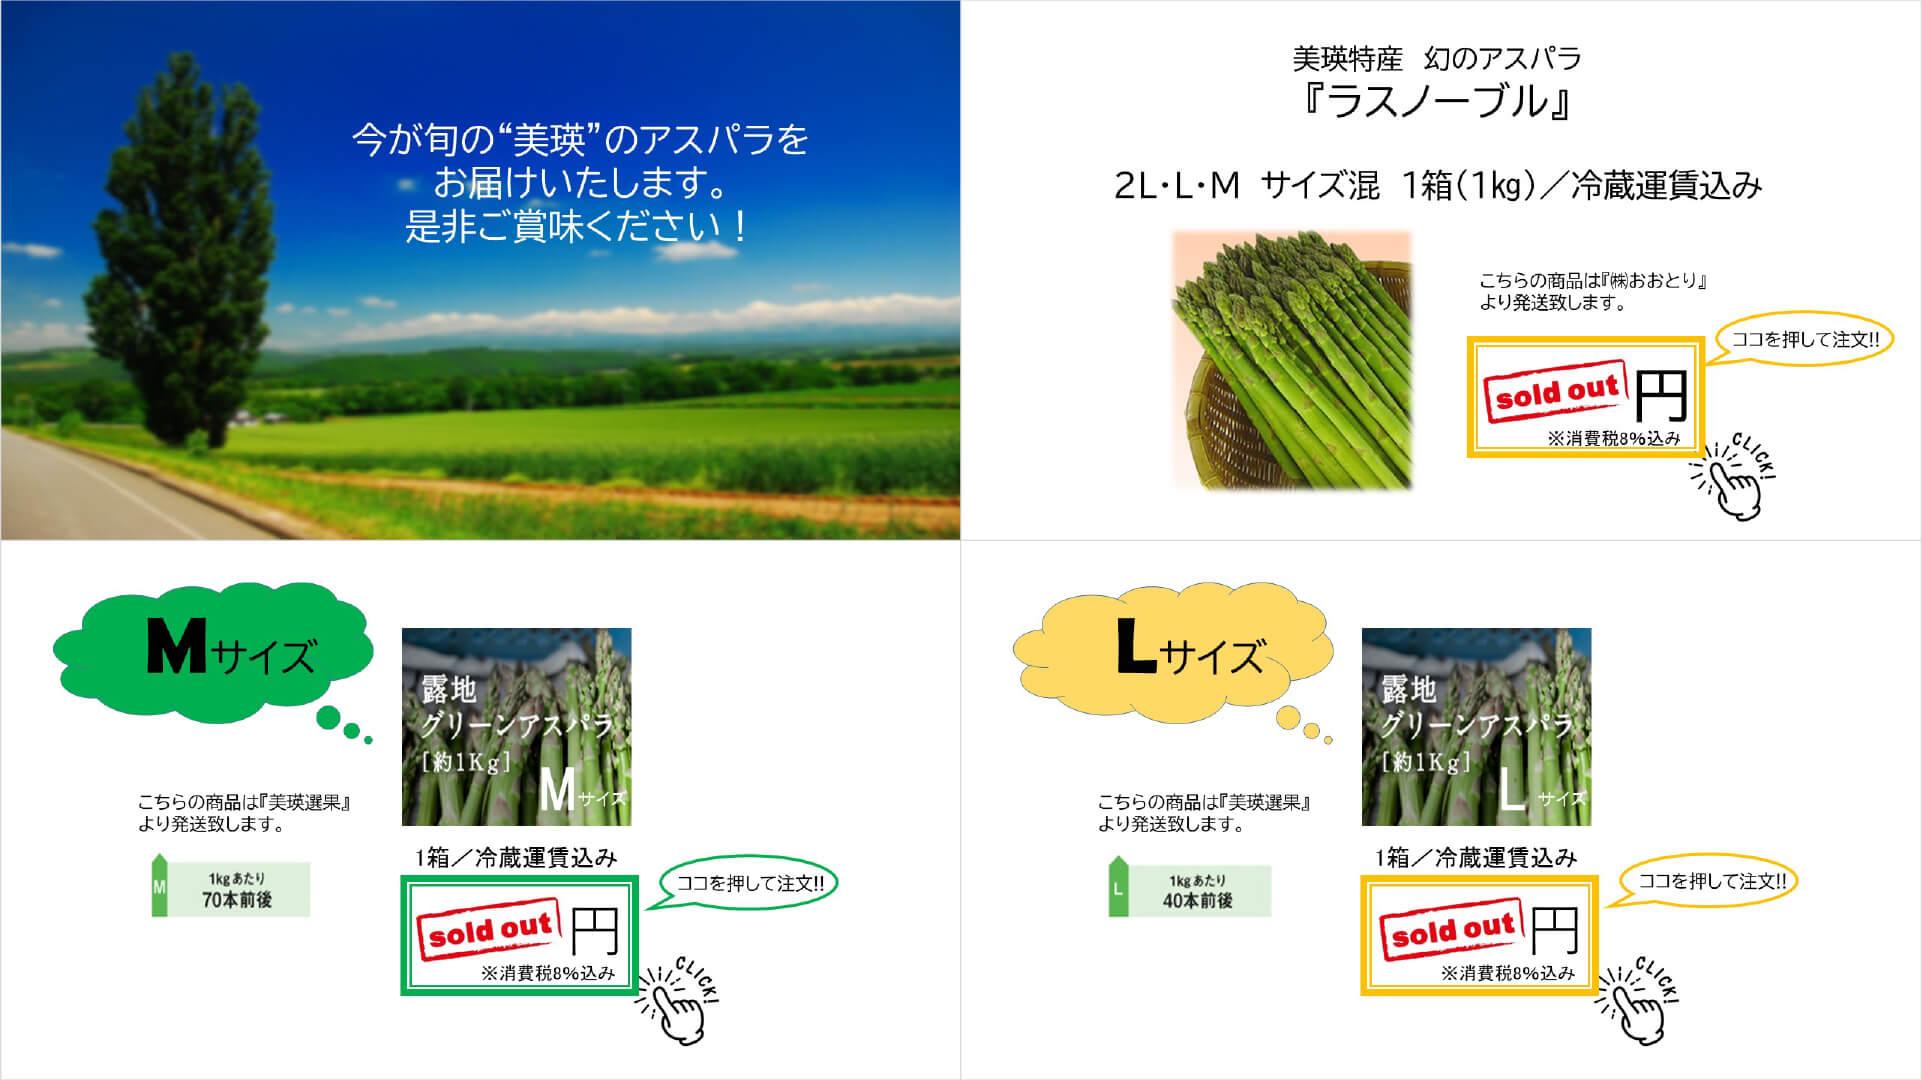 Okage Go店外版フリーレイアウト注文画面イメージ